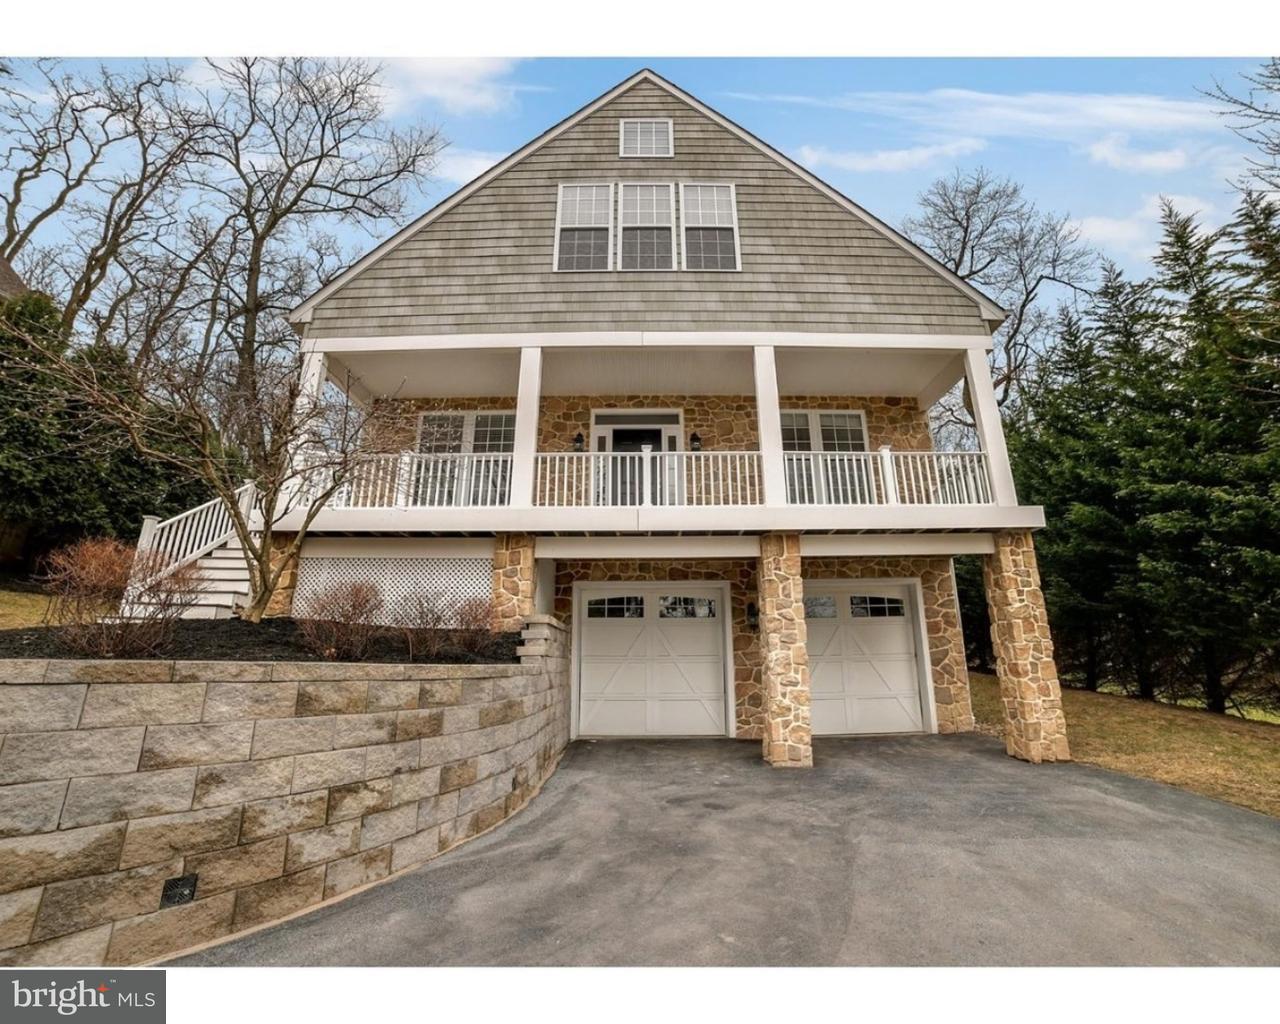 独户住宅 为 出租 在 610 DANNAKER Lane 韦恩, 宾夕法尼亚州 19087 美国